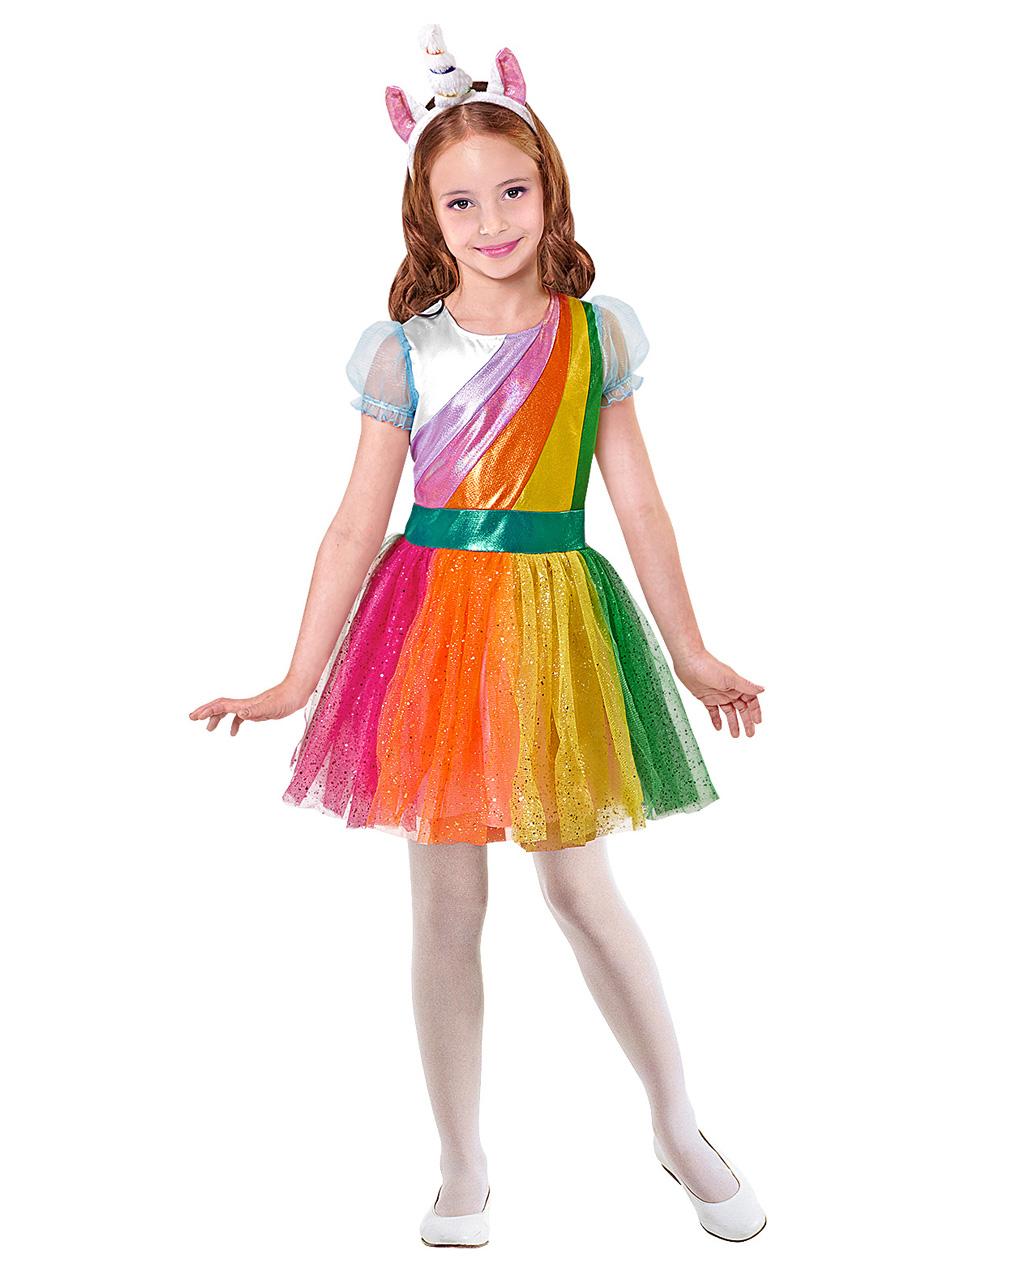 815c40bd7129 Unicorn Girl Costume buy for carnival! | horror-shop.com